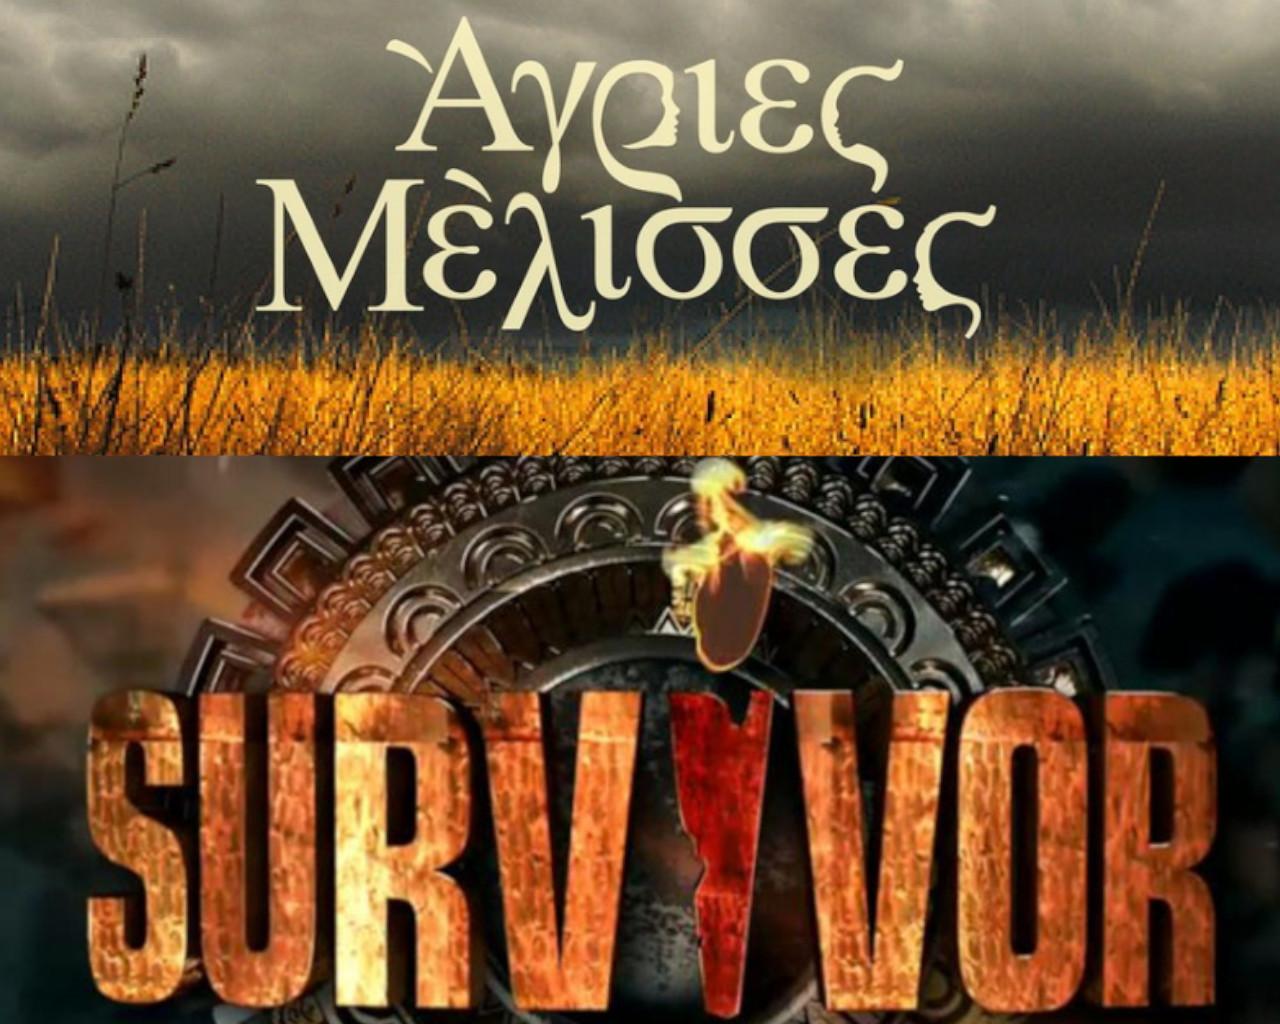 άγριες μέλισσες αντ1, άγριες μέλισσες επόμενα επεισόδια, άγριες μέλισσες υπόθεση, άγριες μέλισσες spoiler, survivor 4, survivor 4 ασυλία,survivor 4 spoiler,survivor 4 skai,survivor 4 παίκτες,survivor 4 trailer,survivor 4 αποχωρηση,survivor 4 διασημοι,survivor 4 μαχητες